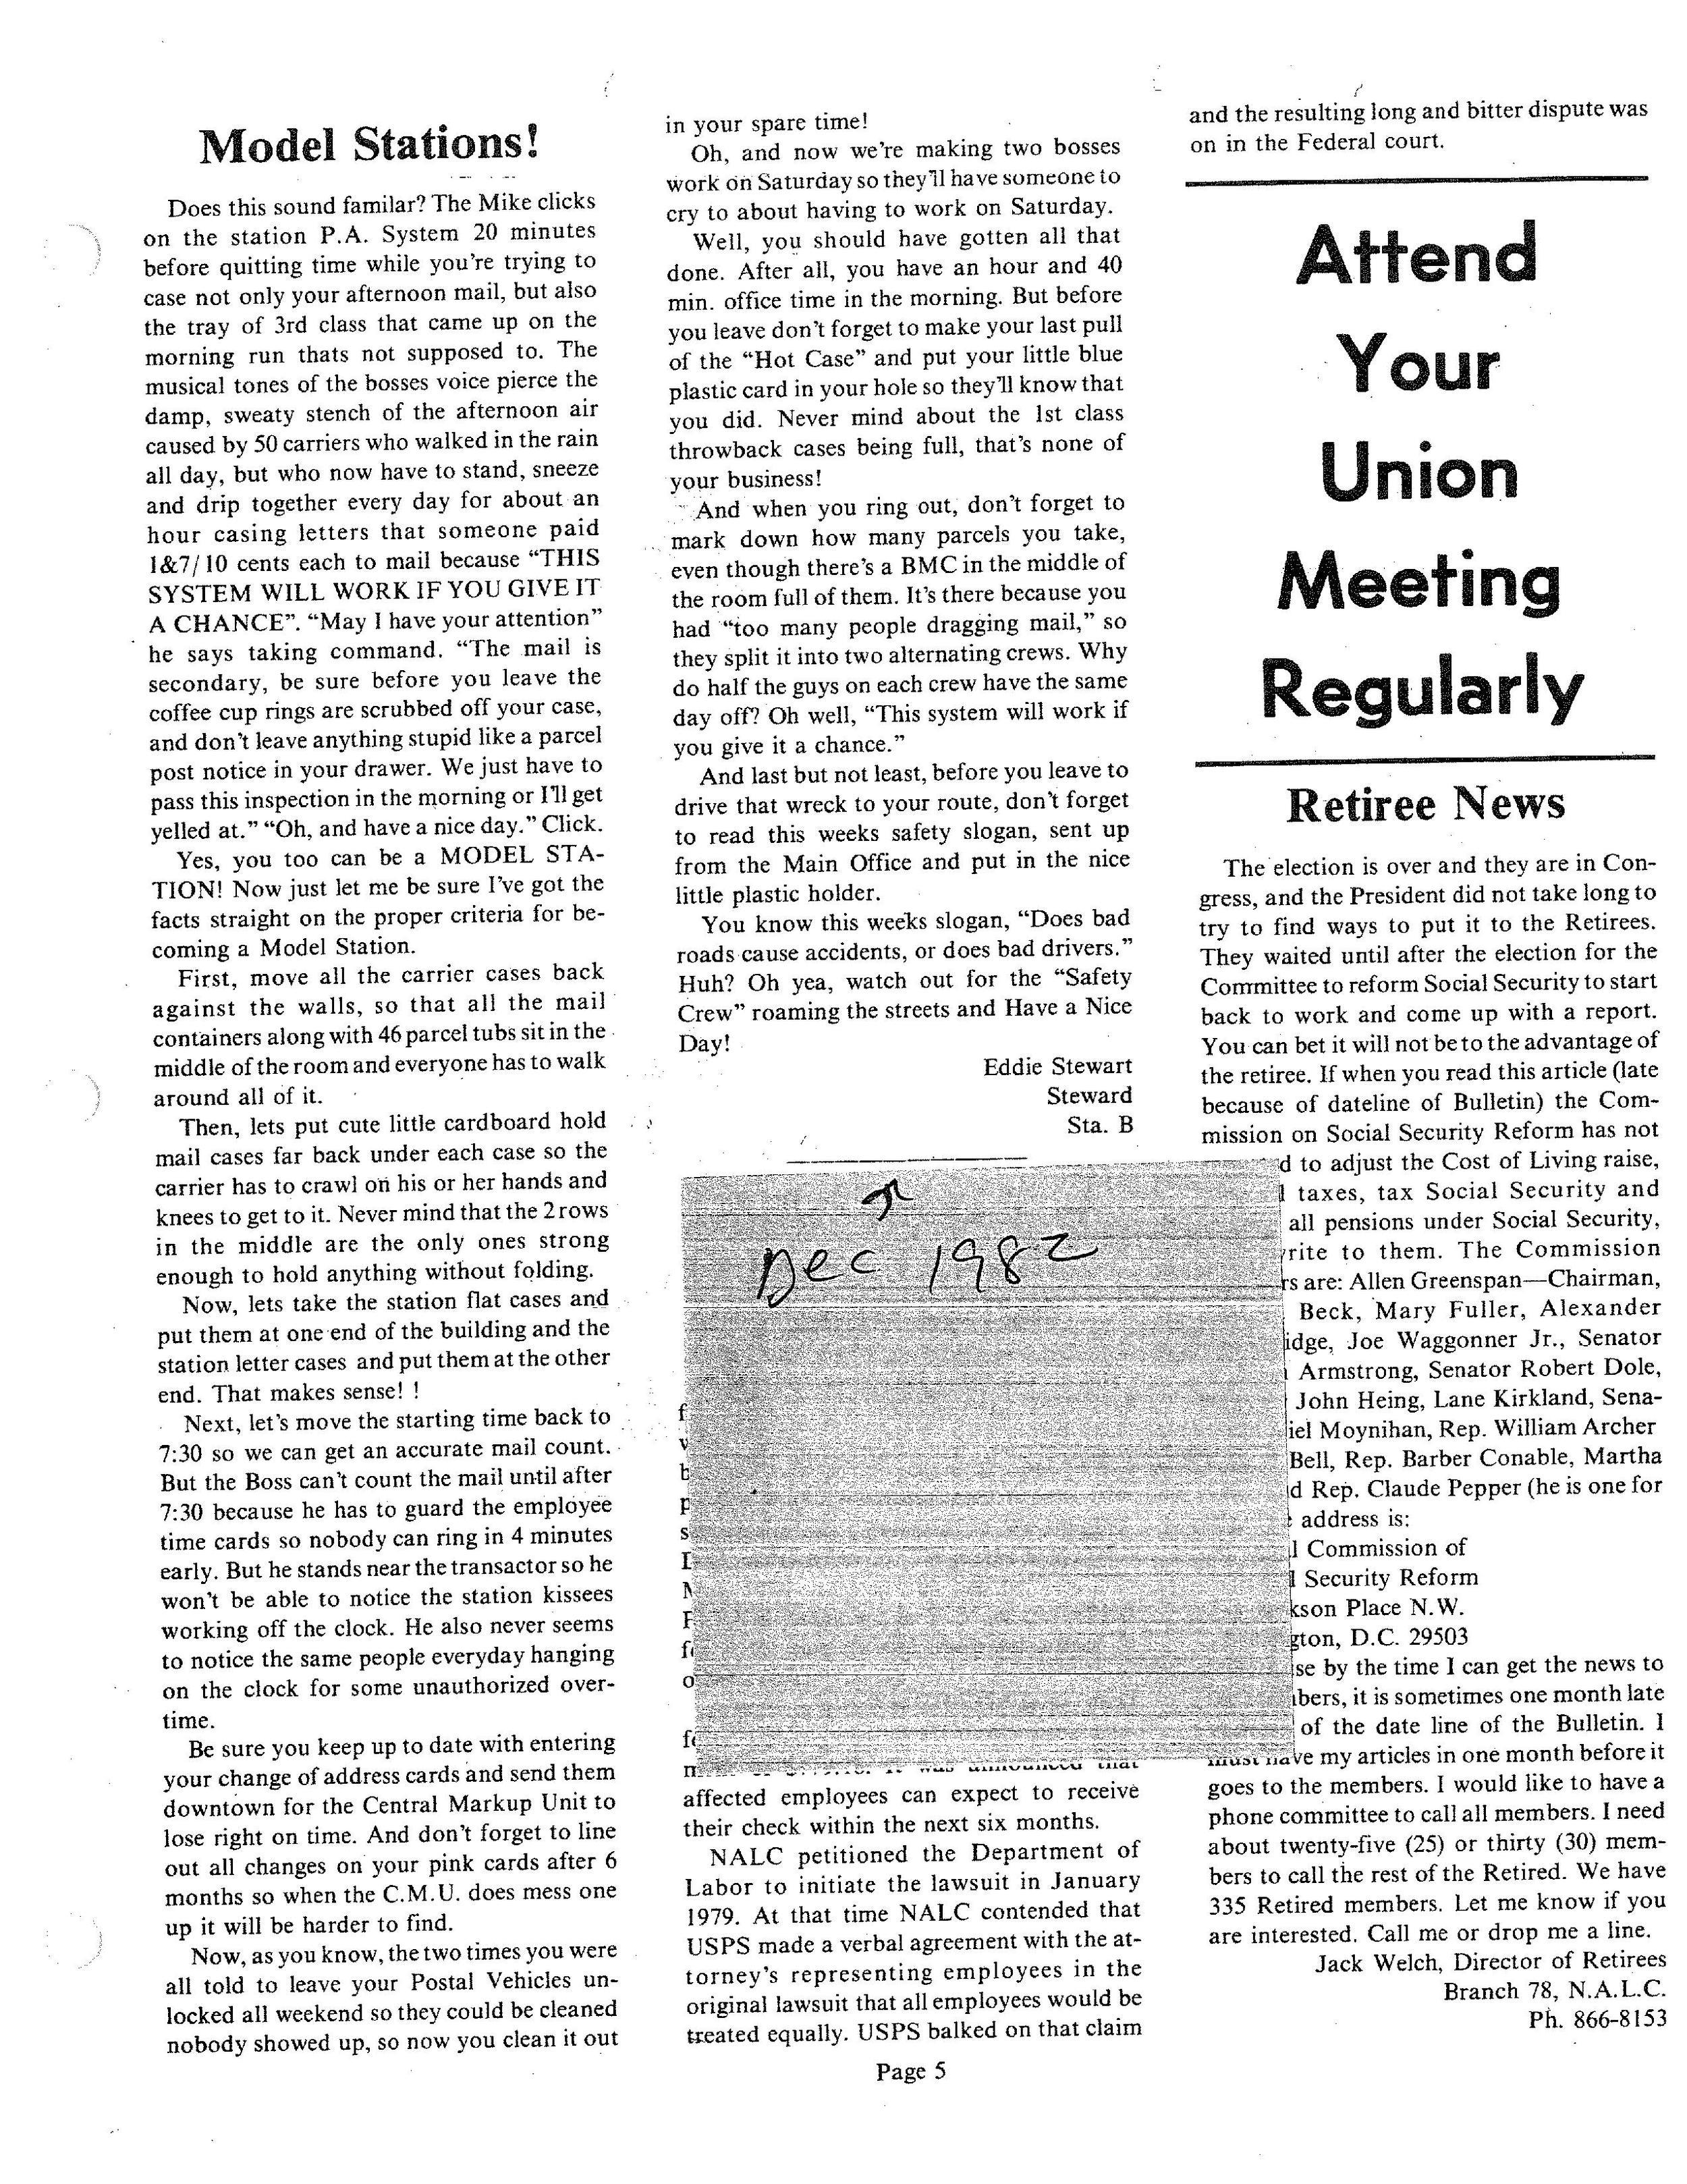 branch 78 history page-0053.jpg